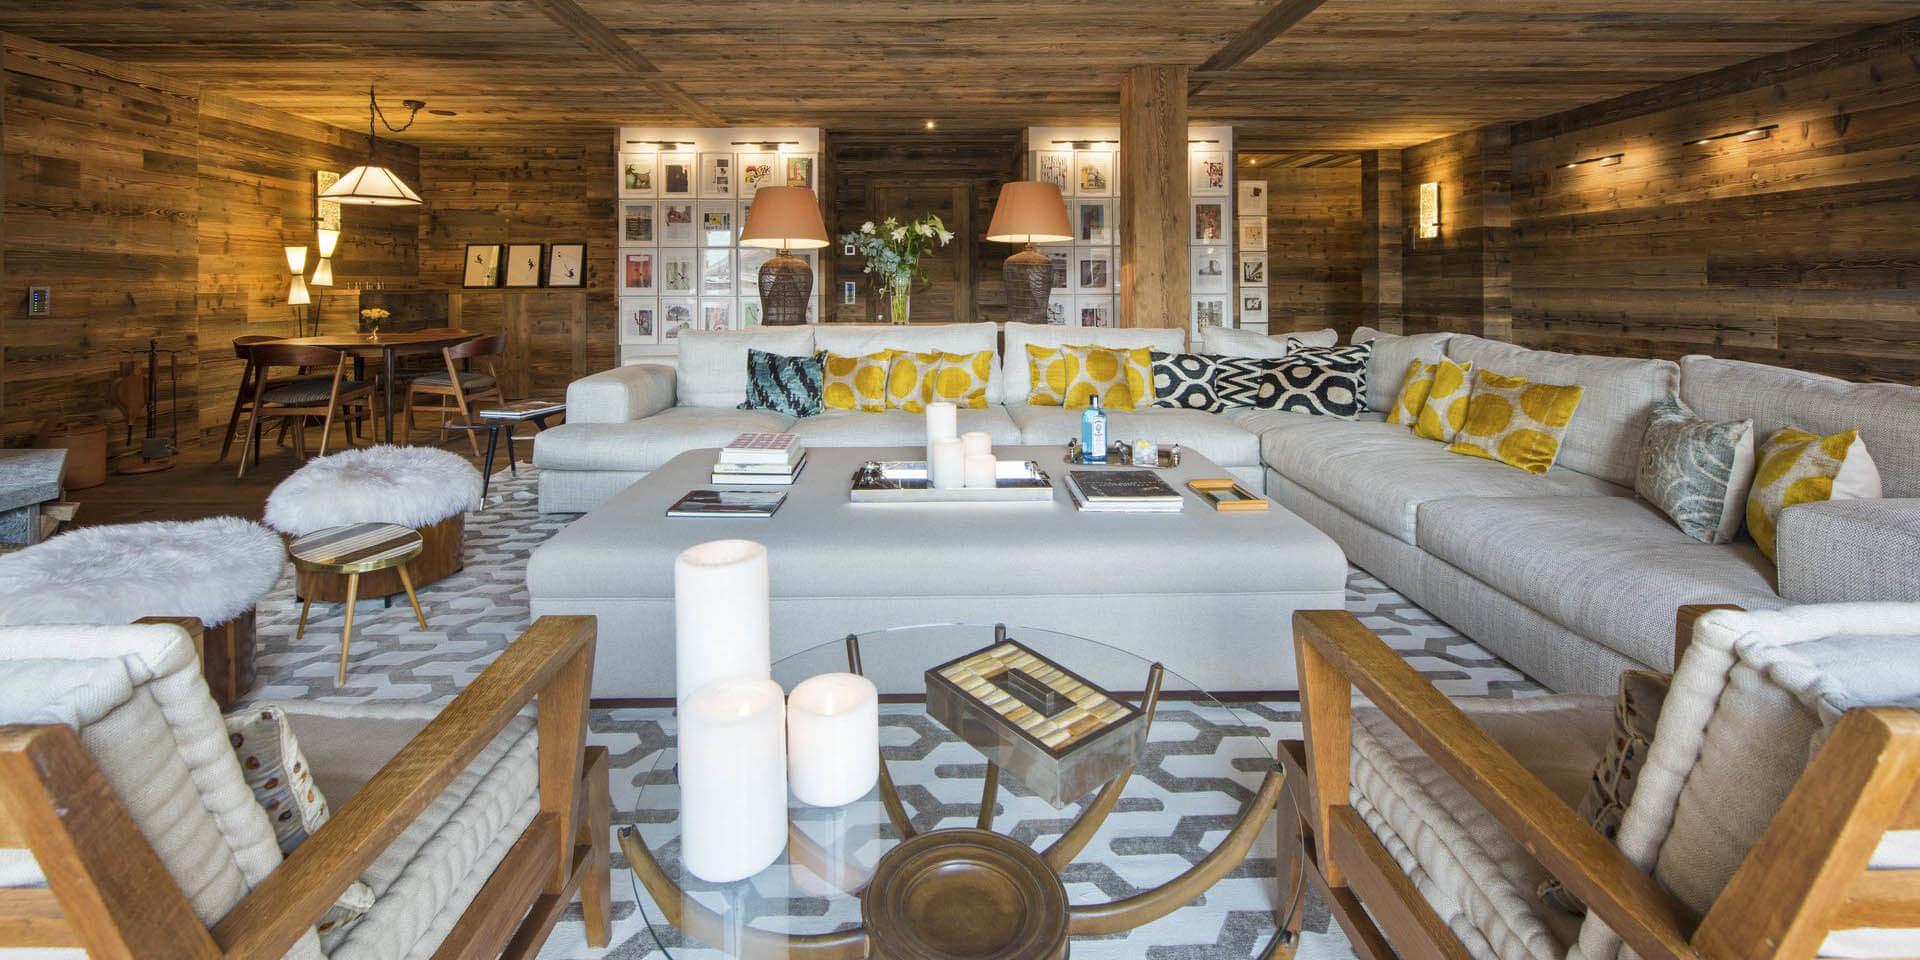 Appartement Place Blanche 1 Verbier Les 4 Vallees Zwitserland wintersport skivakantie luxe living grote loungebank kussens kaarsen hocker fauteuils vloerkleed